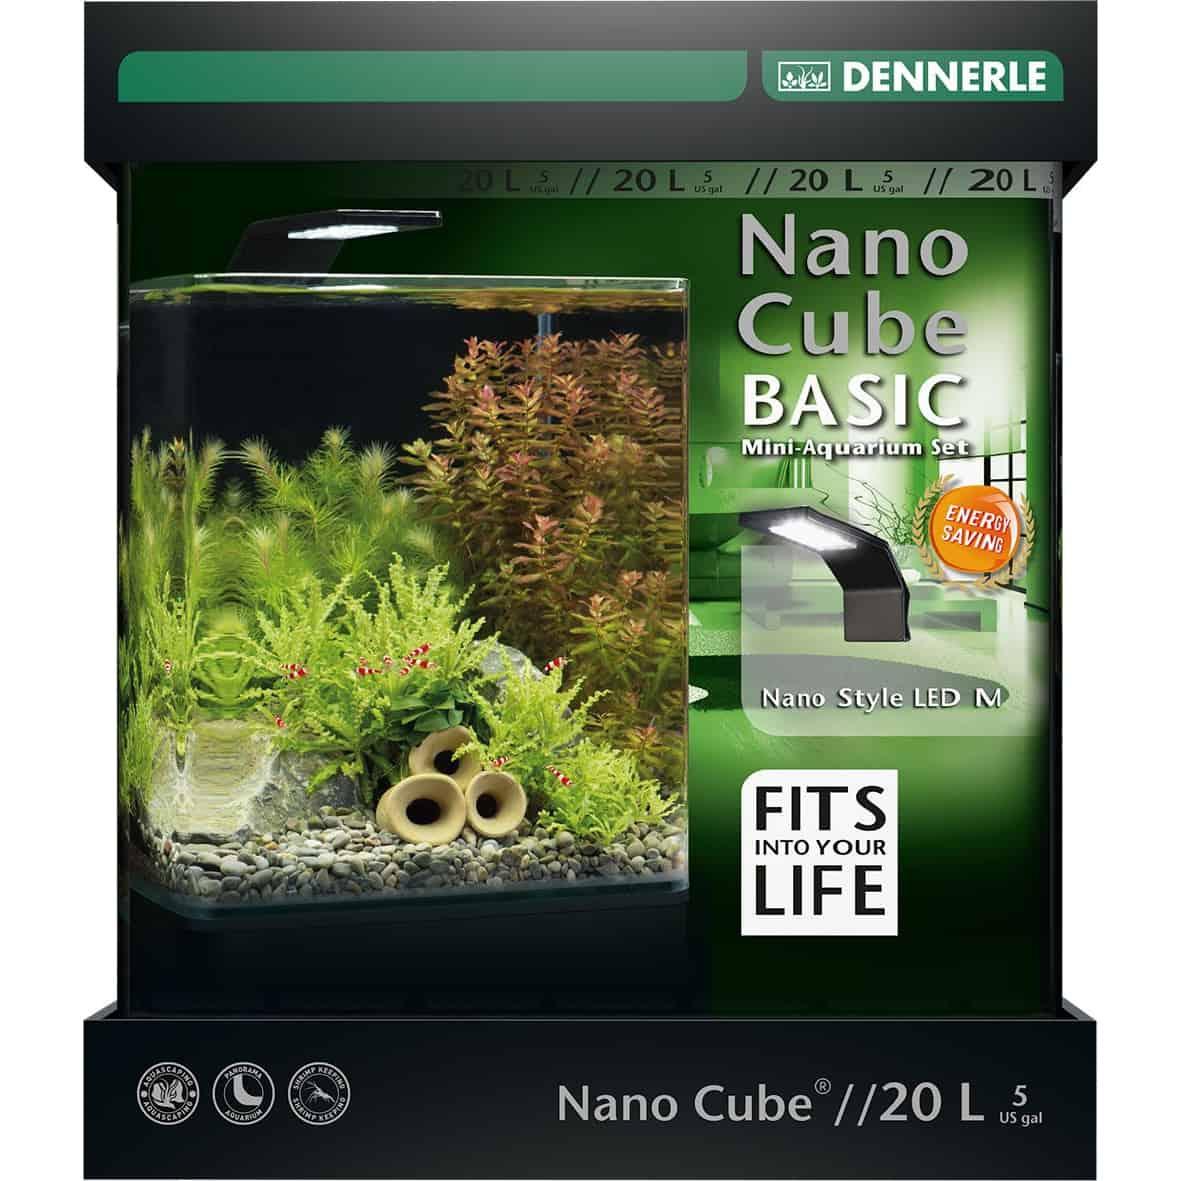 aquarium 20l nano cube basic dennerle